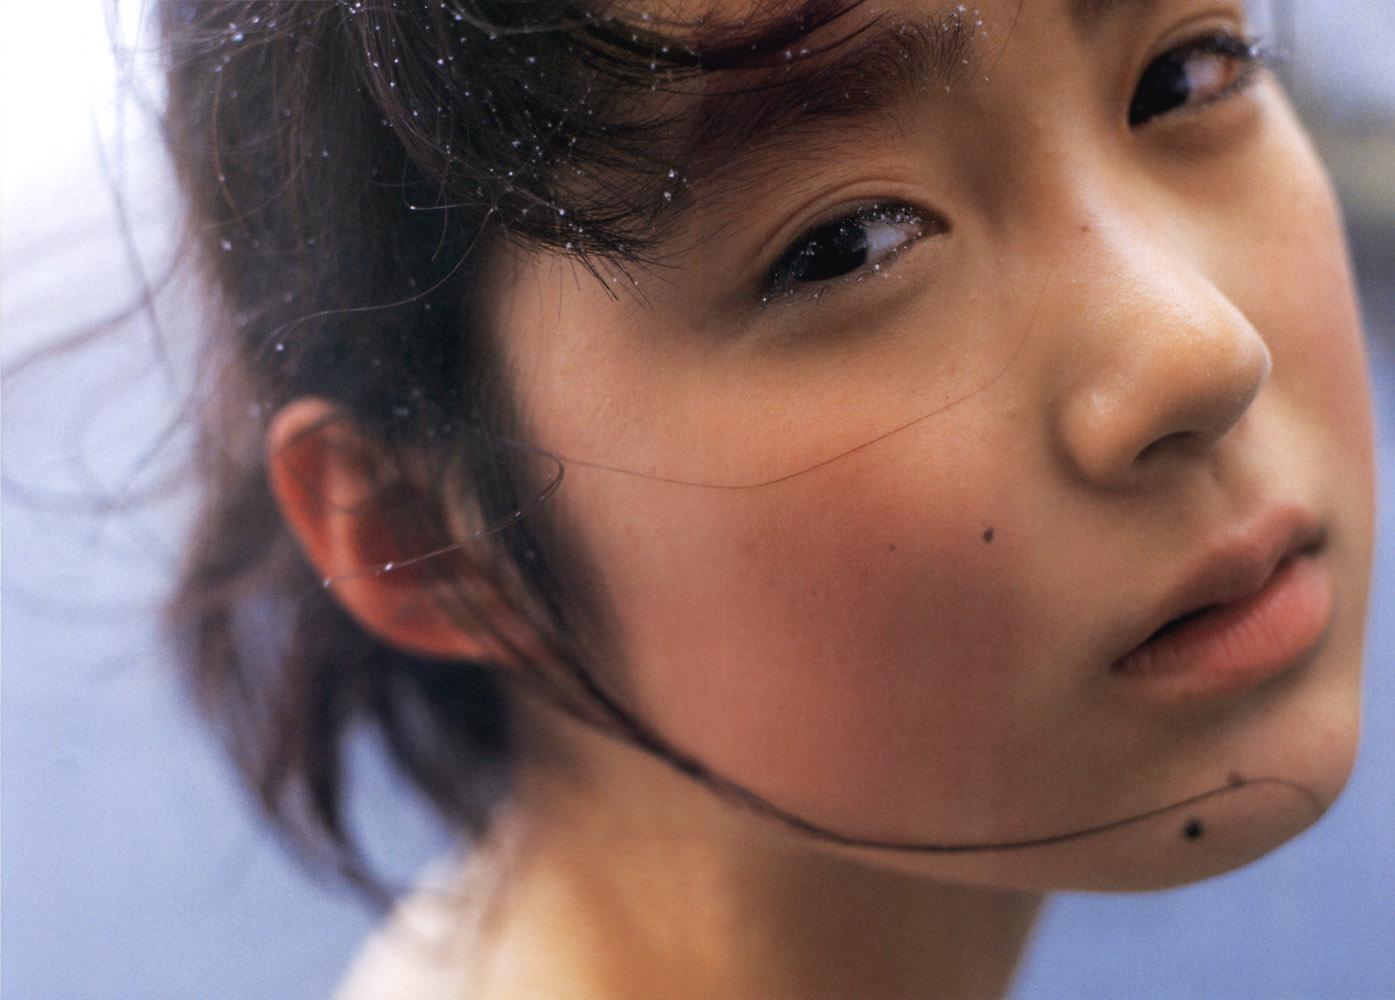 GALLERIA-アイドル動画・画像館   初音映莉子 金麦のCMで「あなたも黒田さんのこと〜」って言ってる